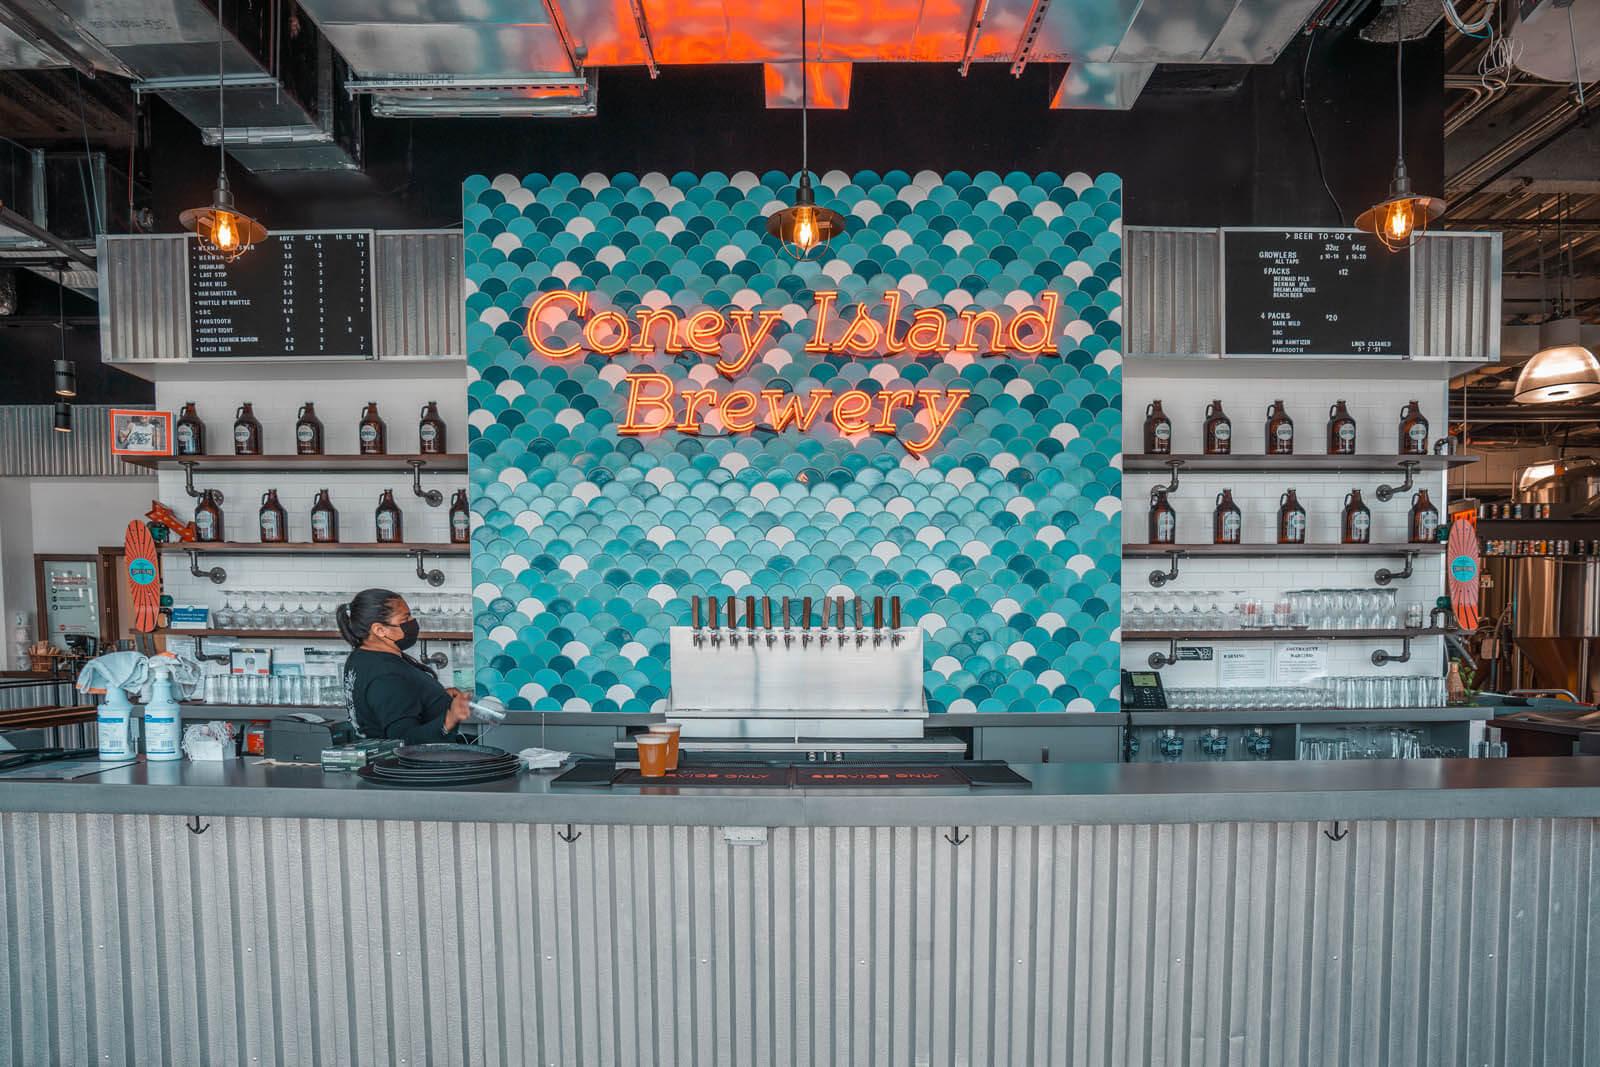 Coney Island Brewery in Brooklyn